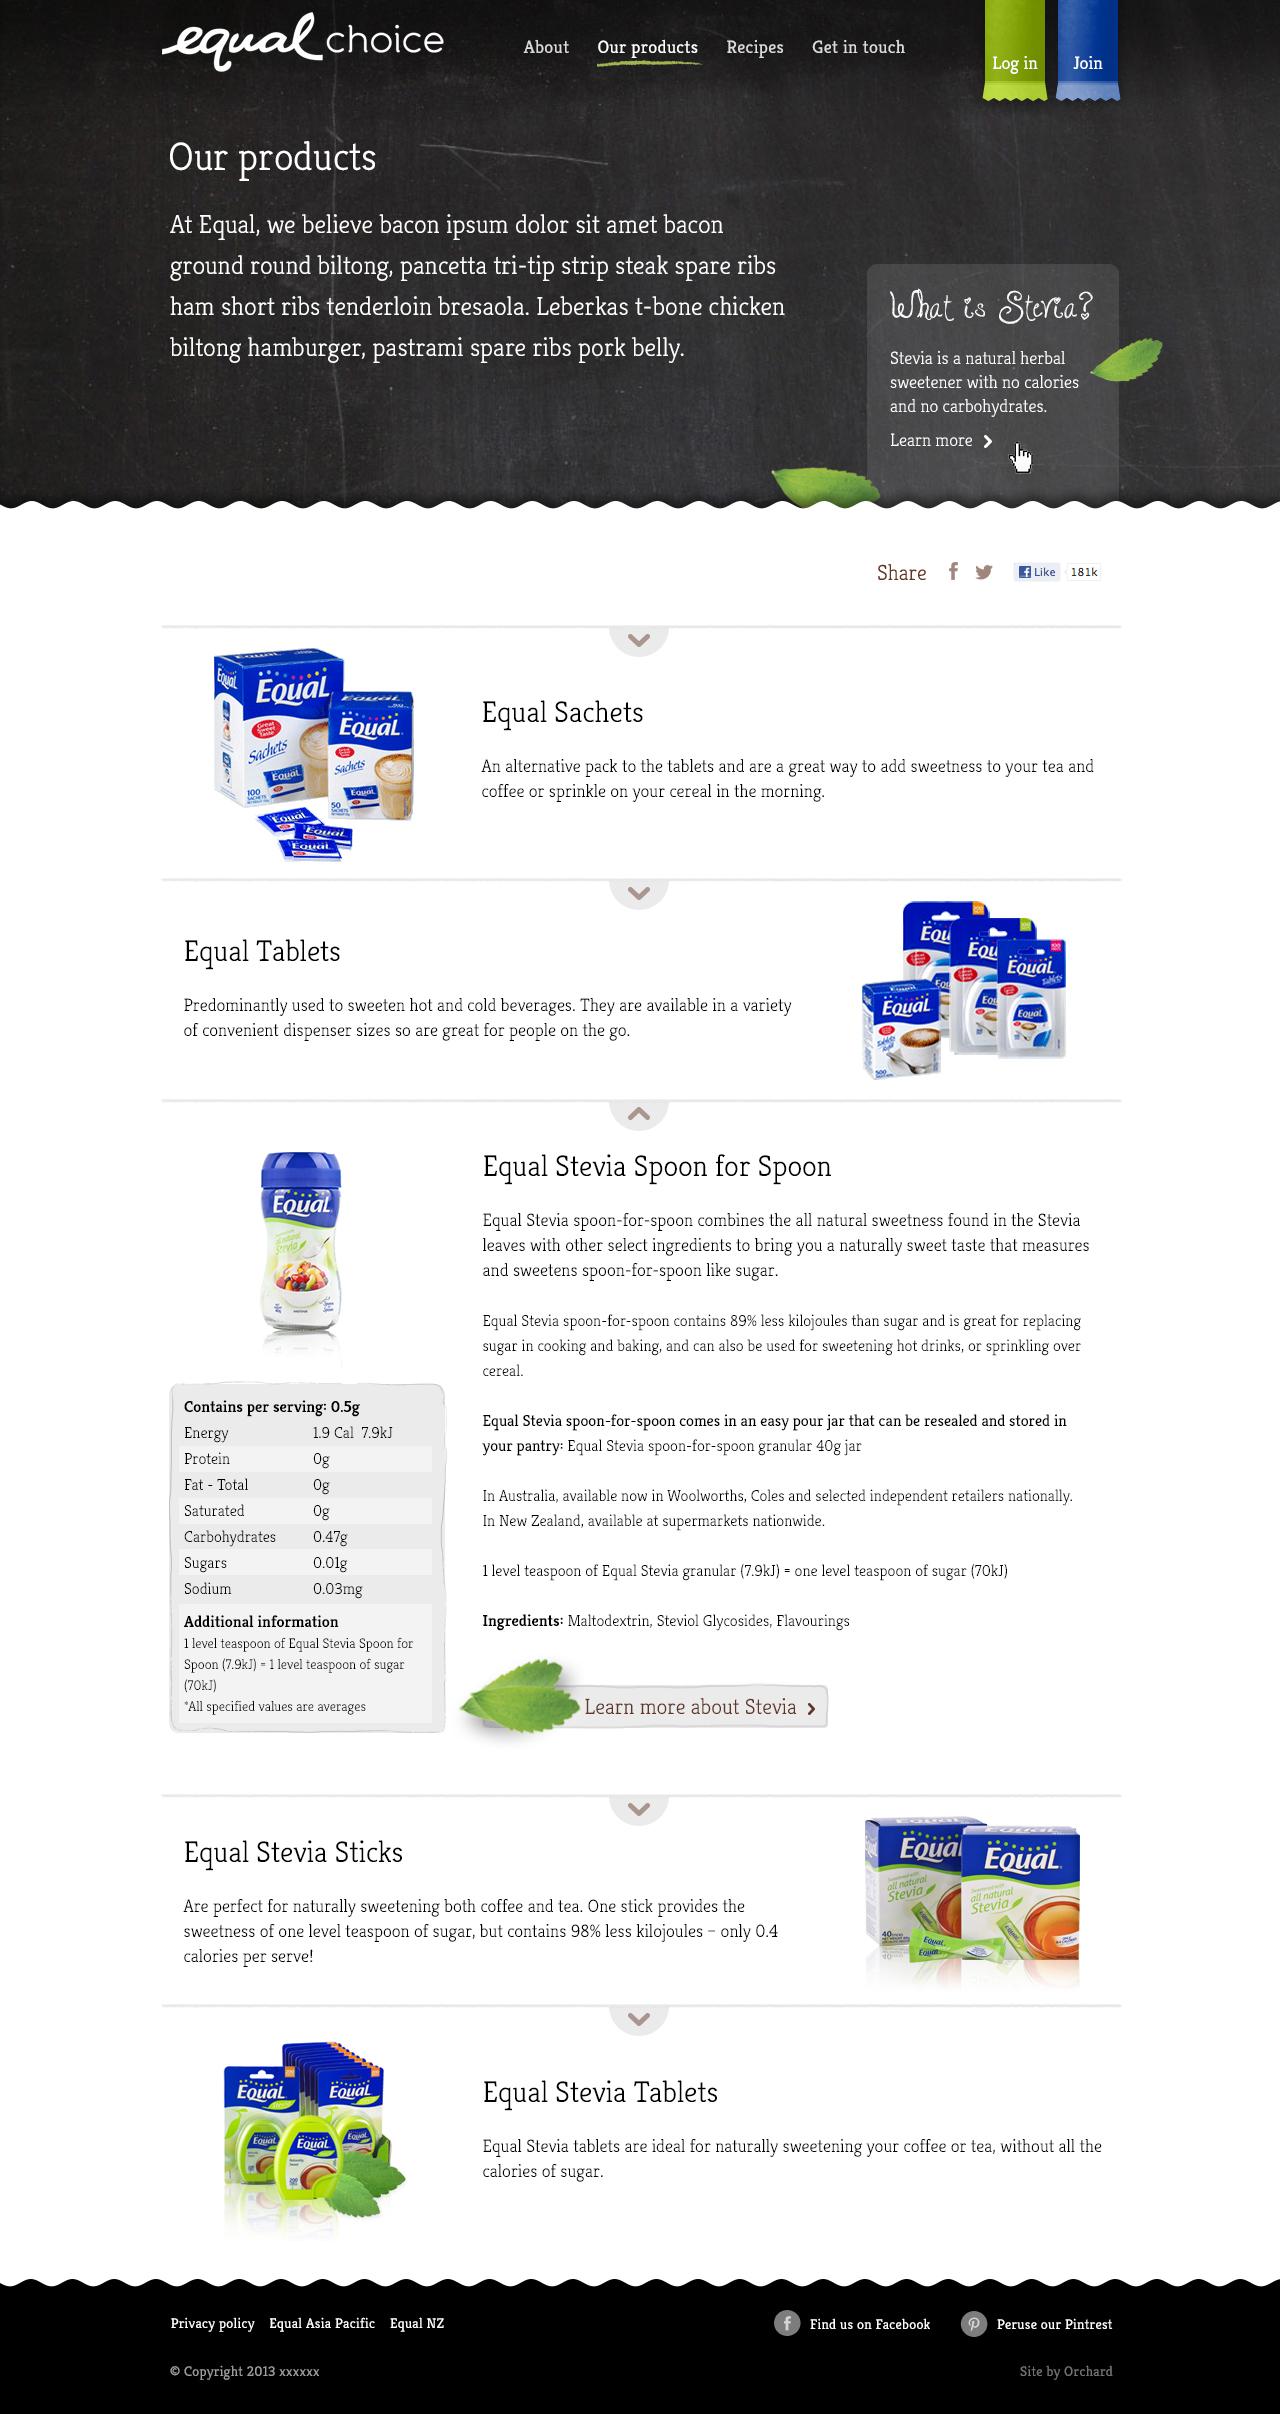 Steve Santer - Equal Choice website for Equal